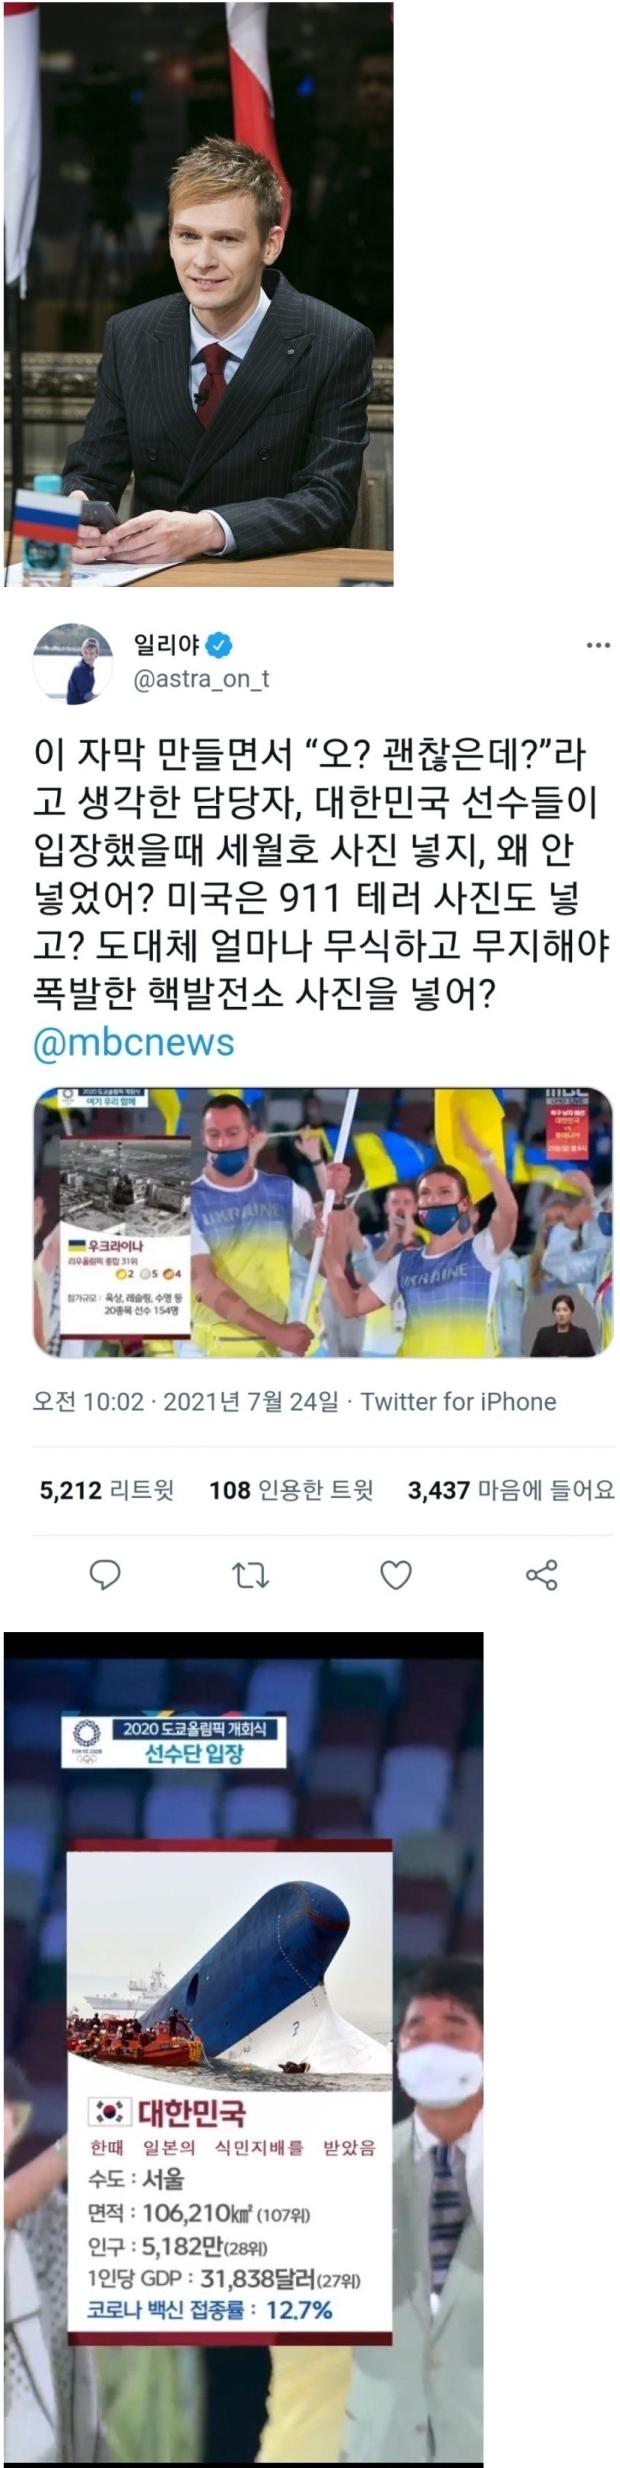 MBC에 분노한 어느 러시아인